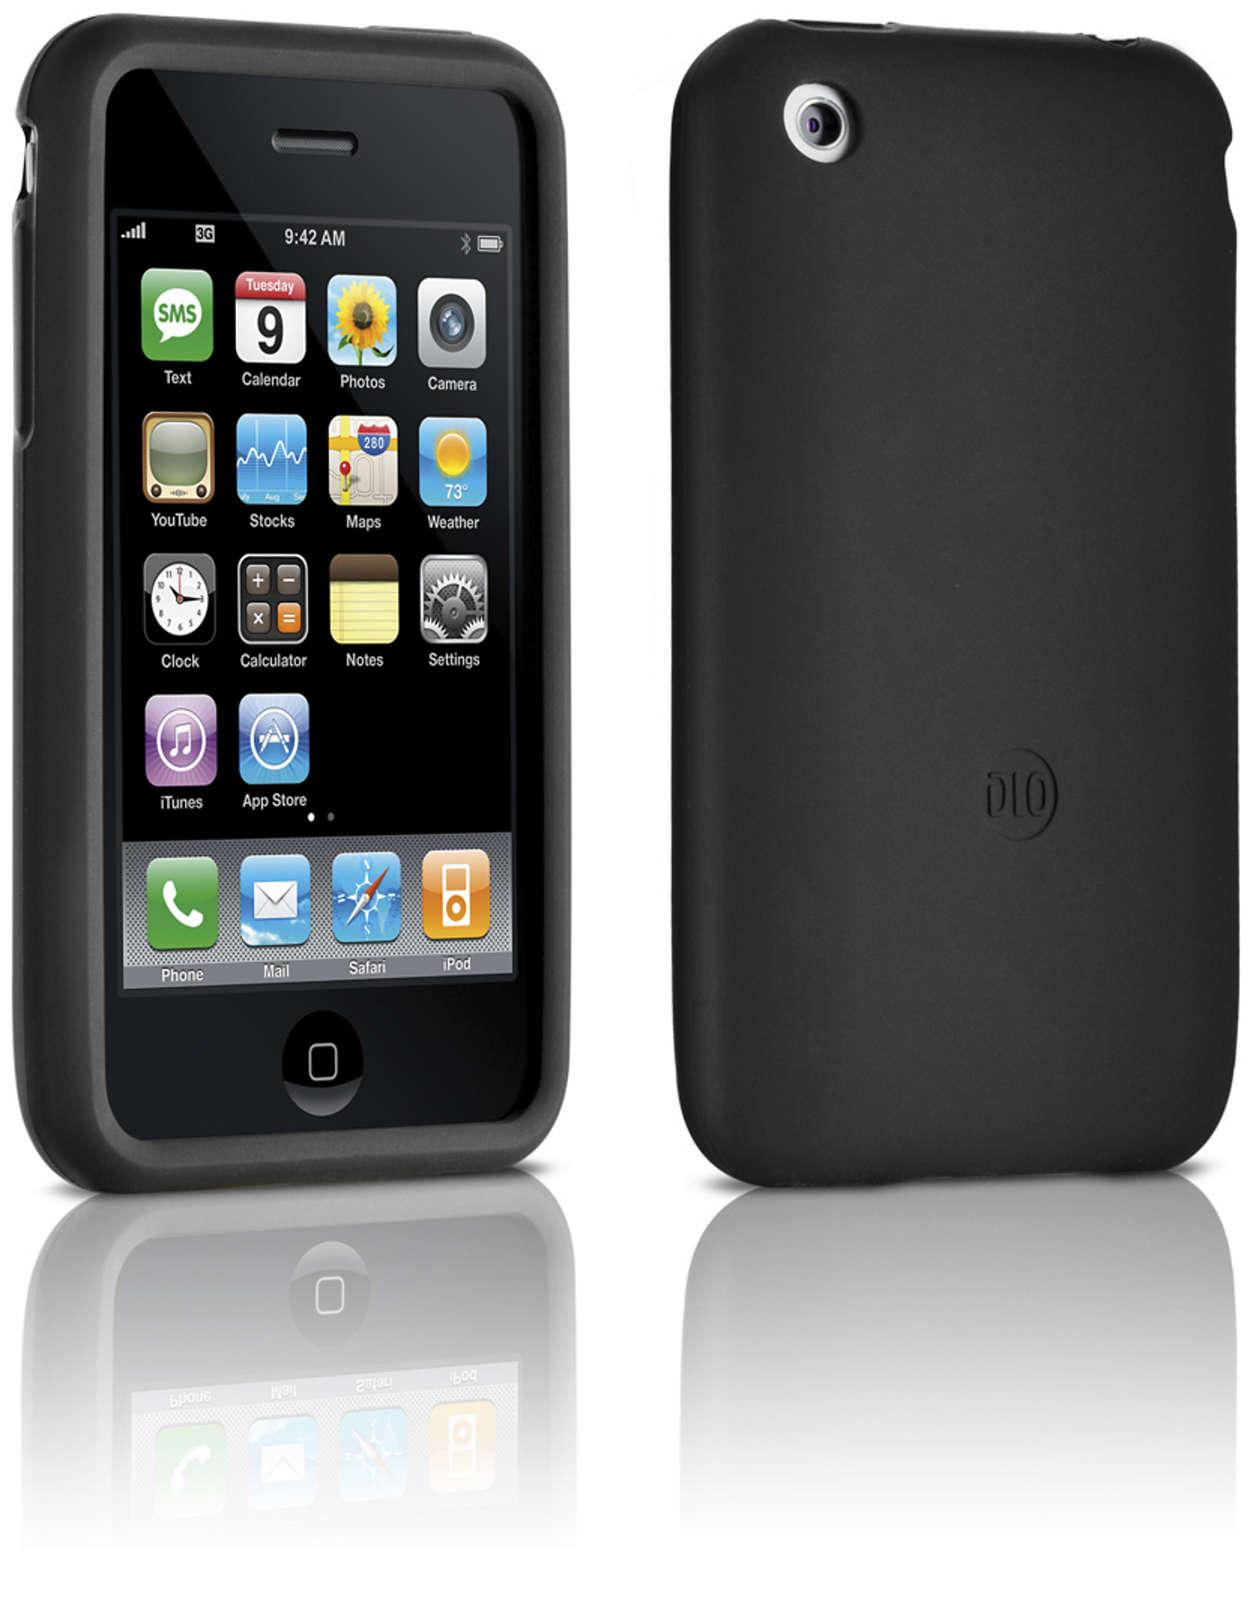 Protégez votre iPhone dans un étui en silicone